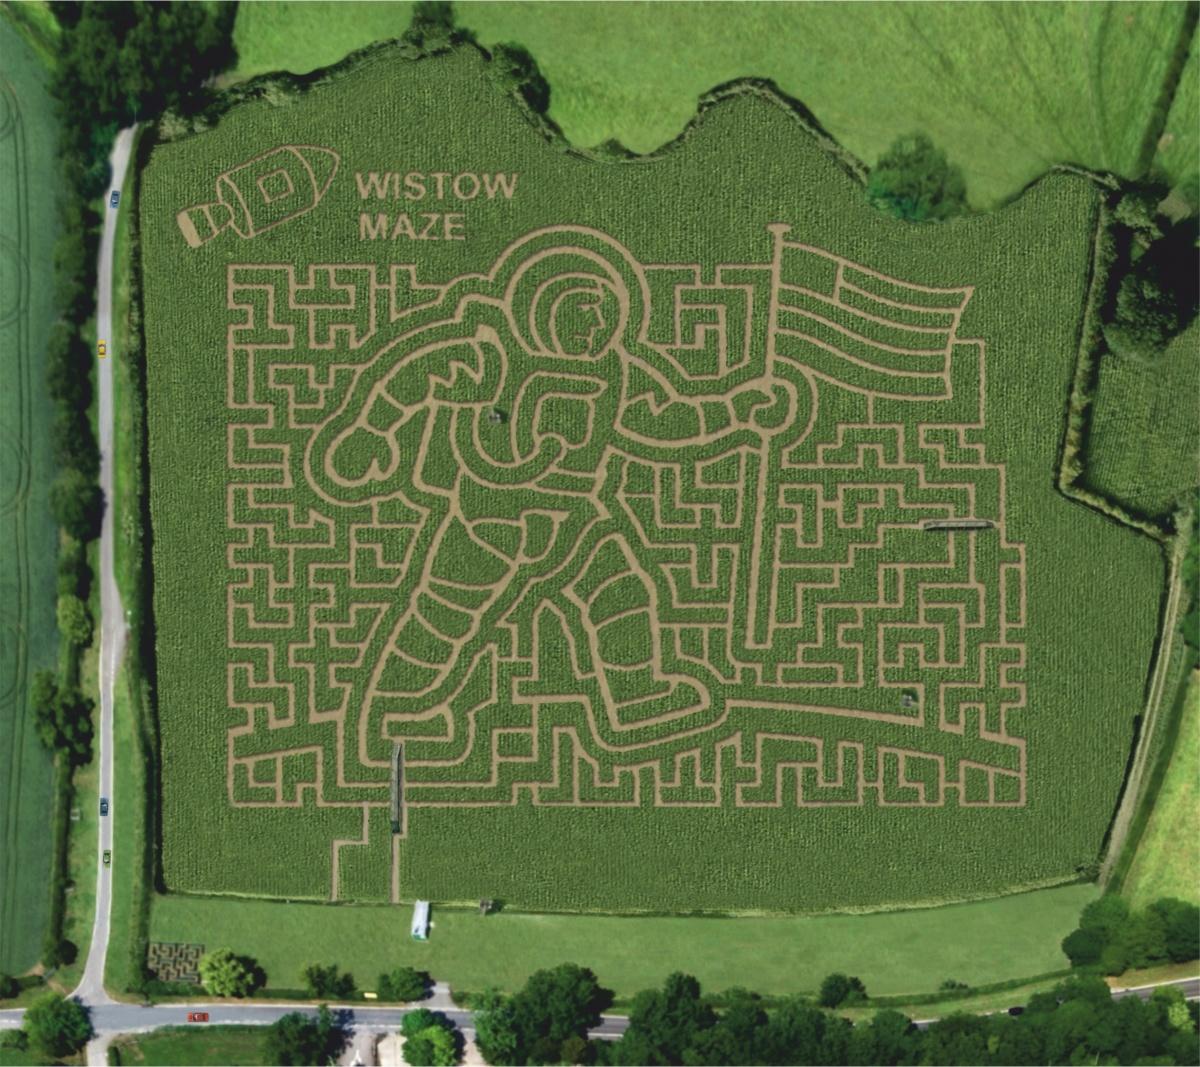 Wistow maze 2019